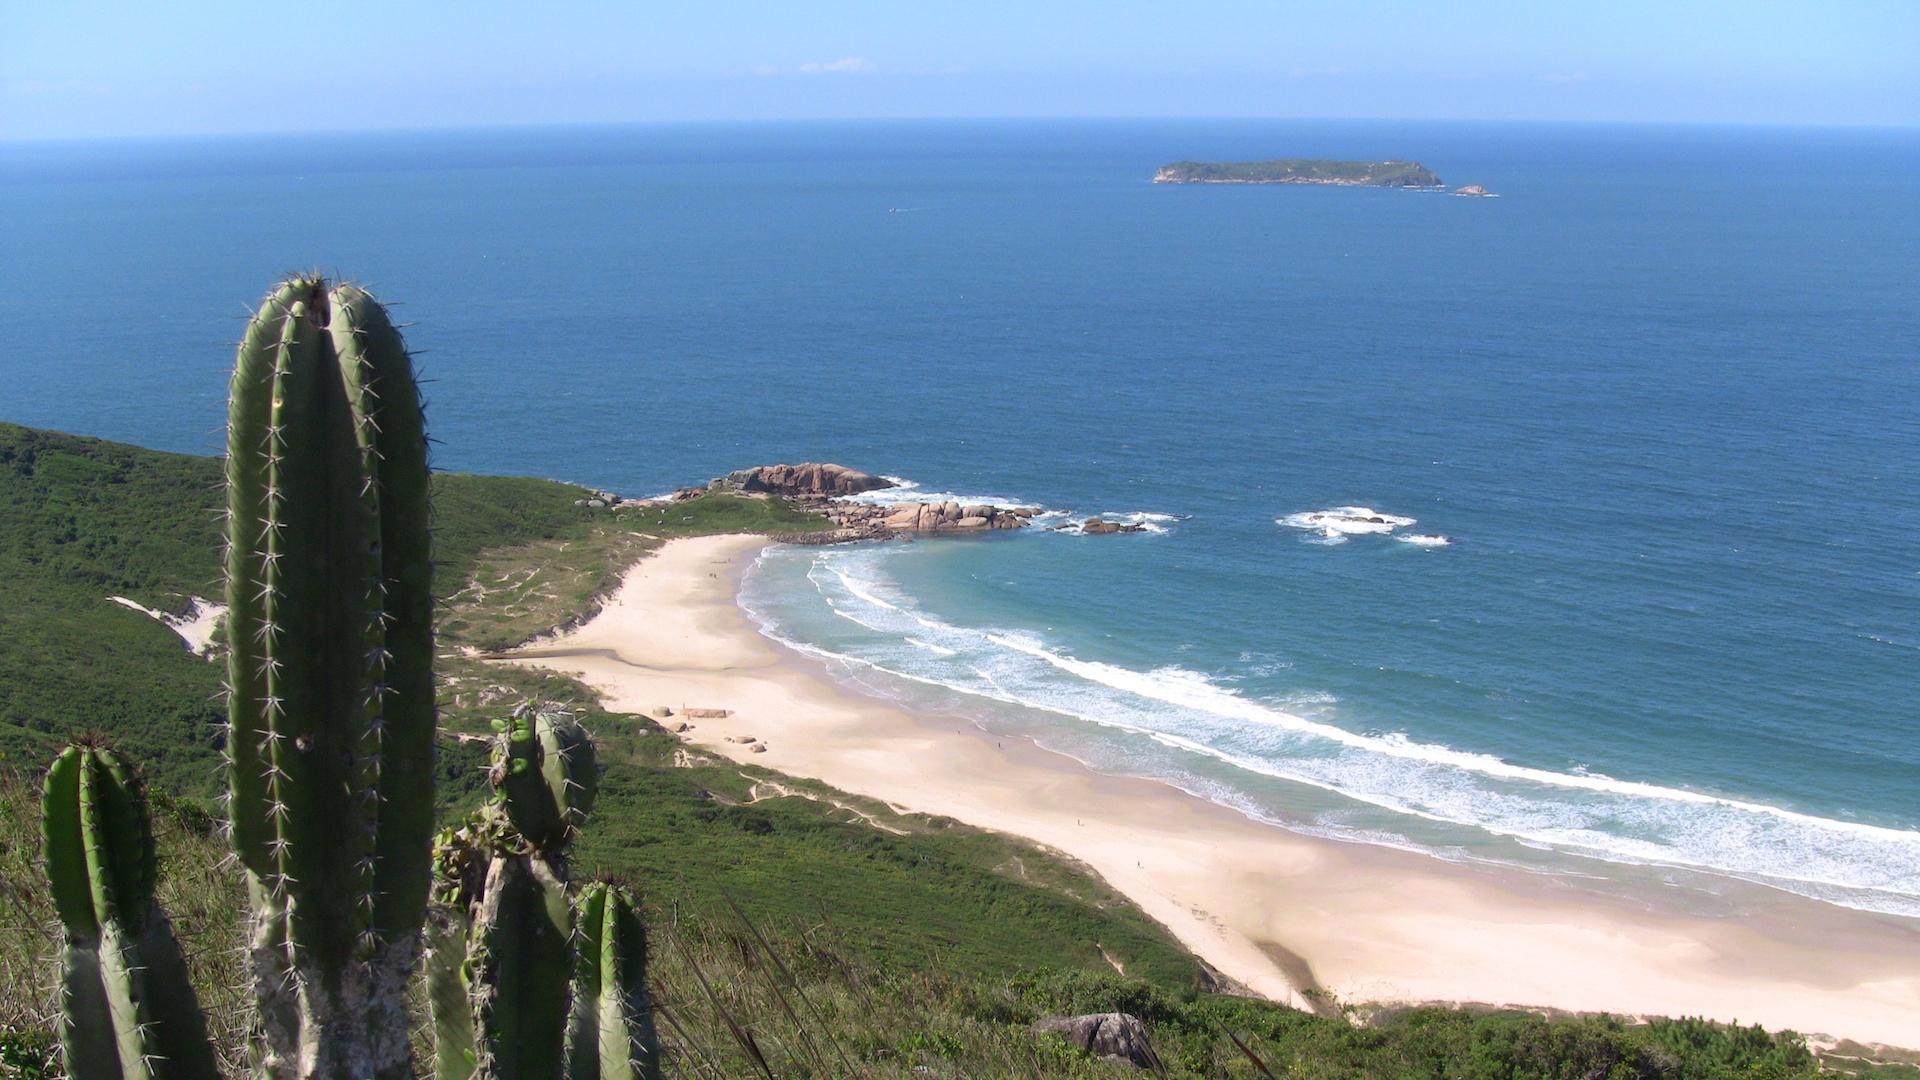 Mietwagenreise Florianopolis 4 Tage Reisebaustein Lagoinha do Leste